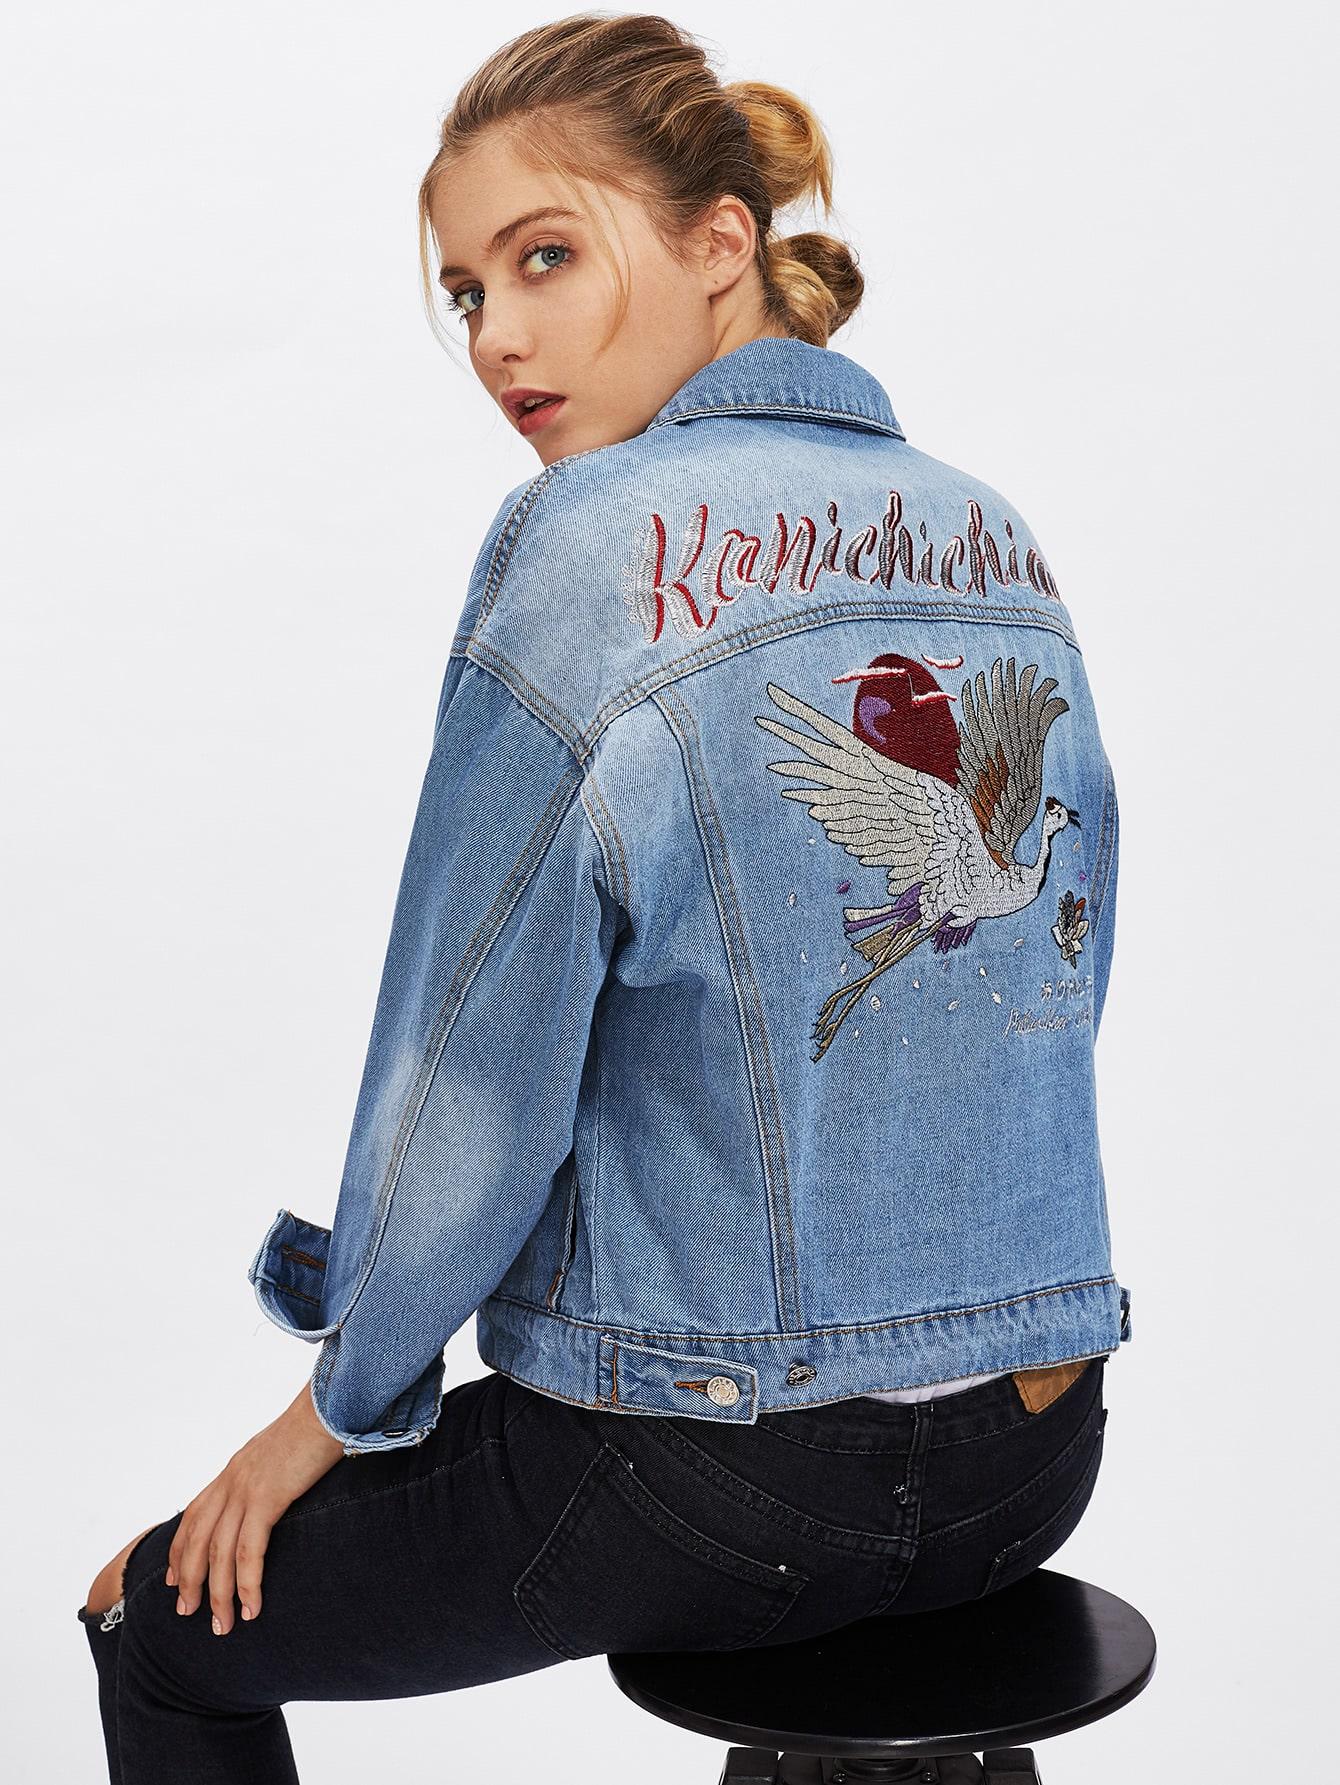 cranes-embroidered-back-denim-jacket by sheinside